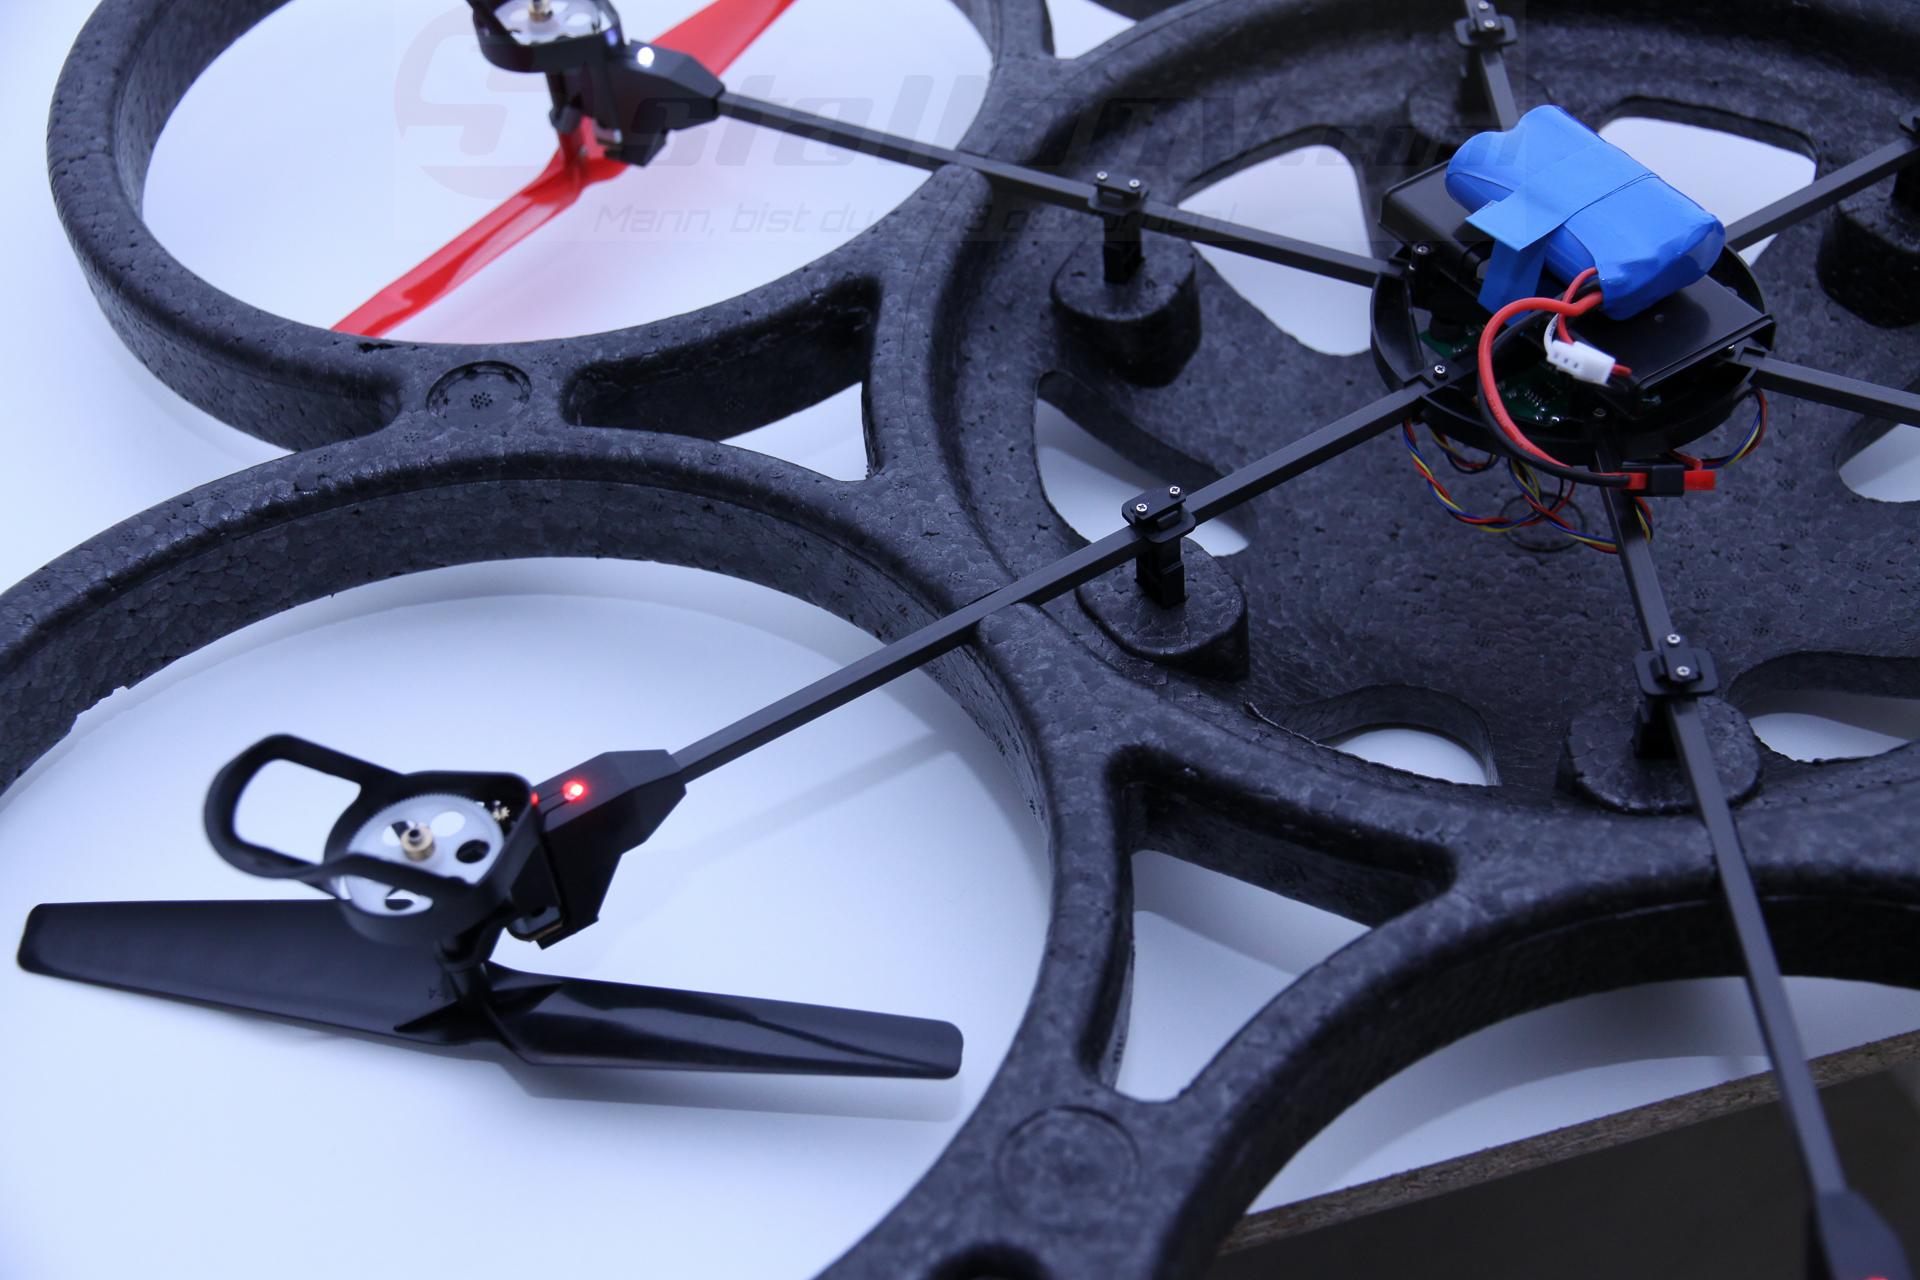 Hexacopter | stallonycom